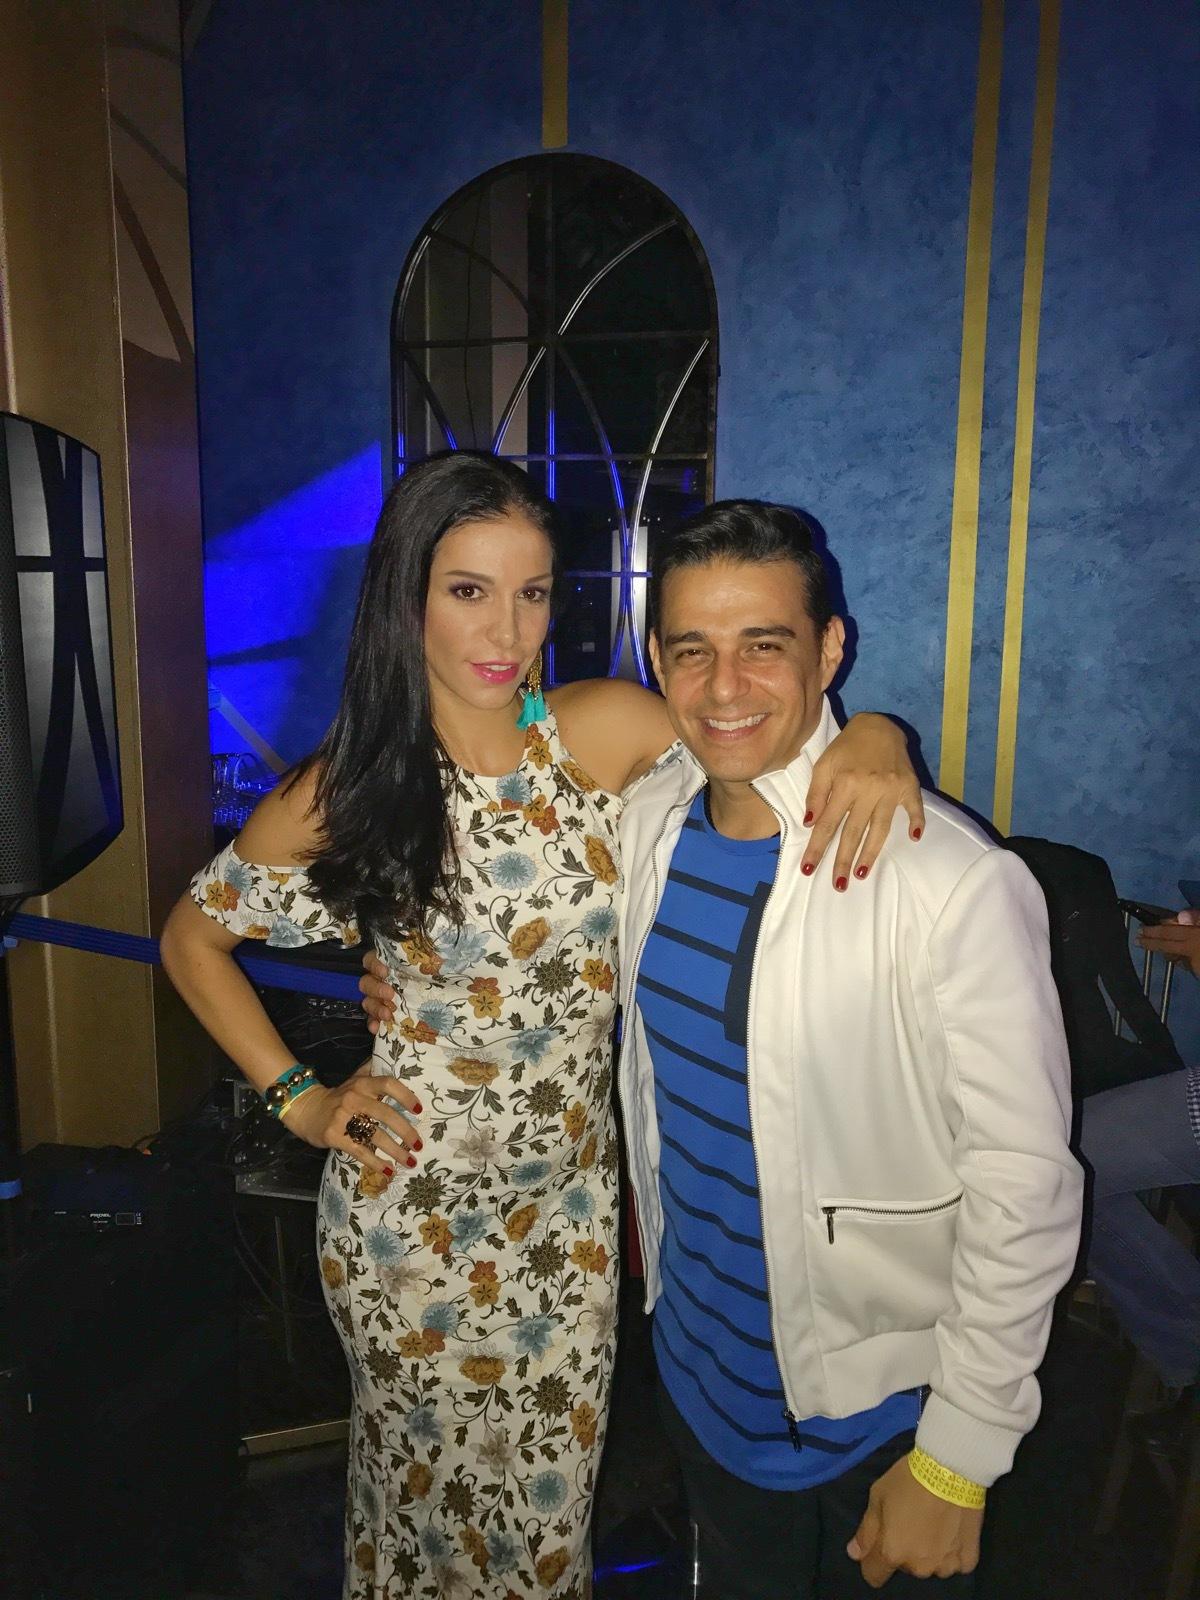 Cantante Venezolano de Salsa Jesus Alberto Ochoa